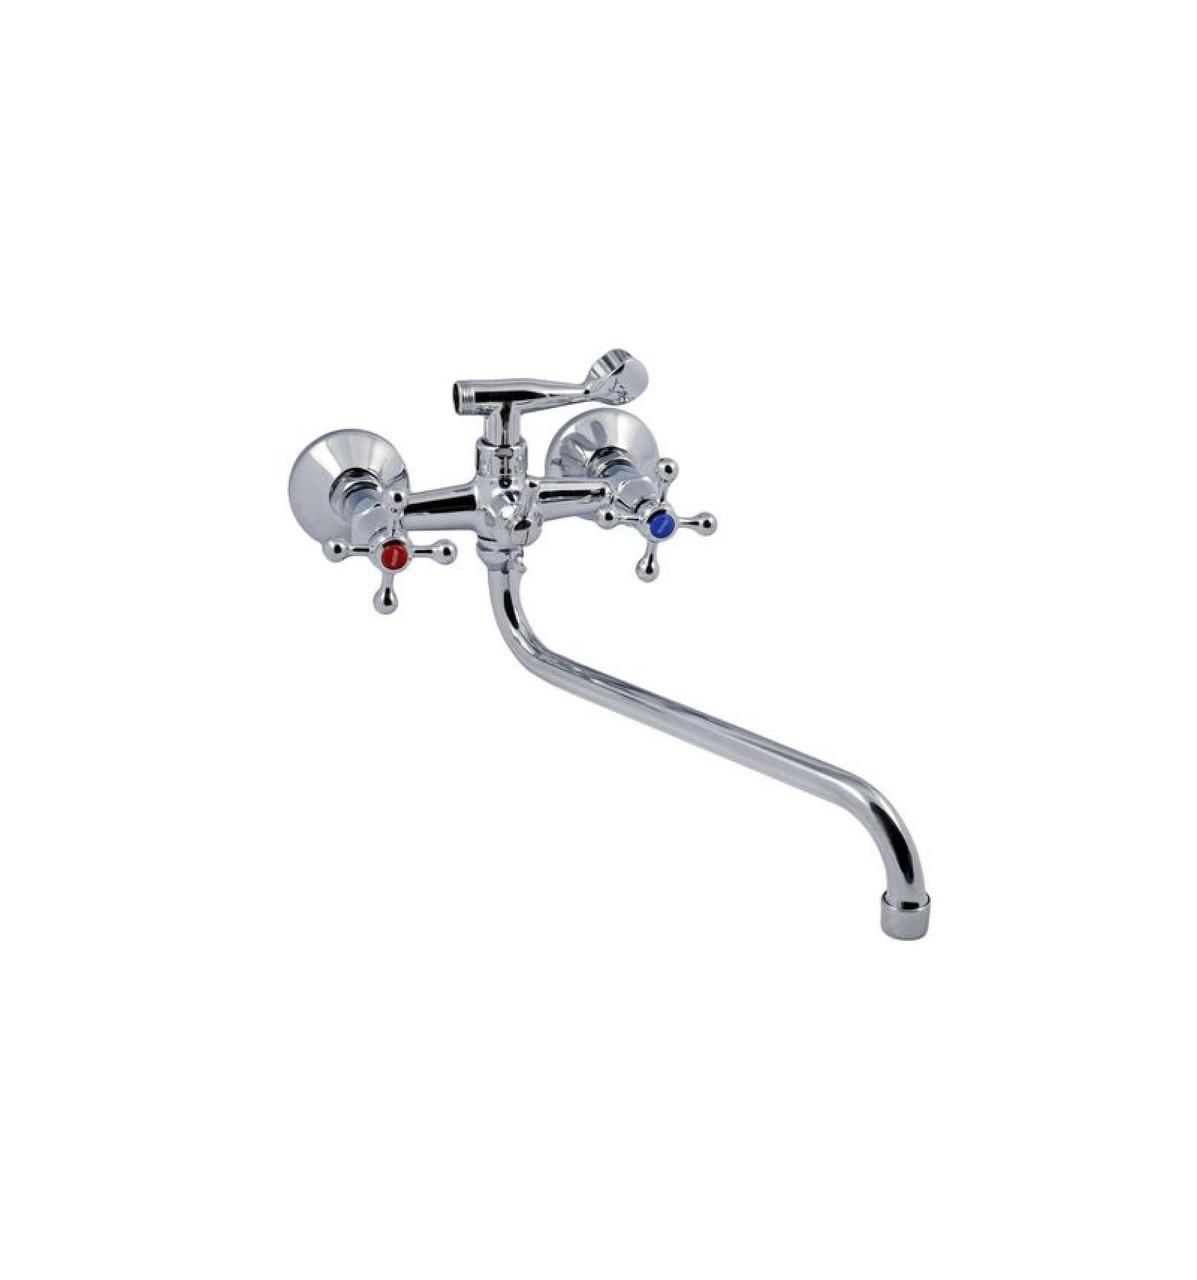 Змішувач для ванни 143 Master резина